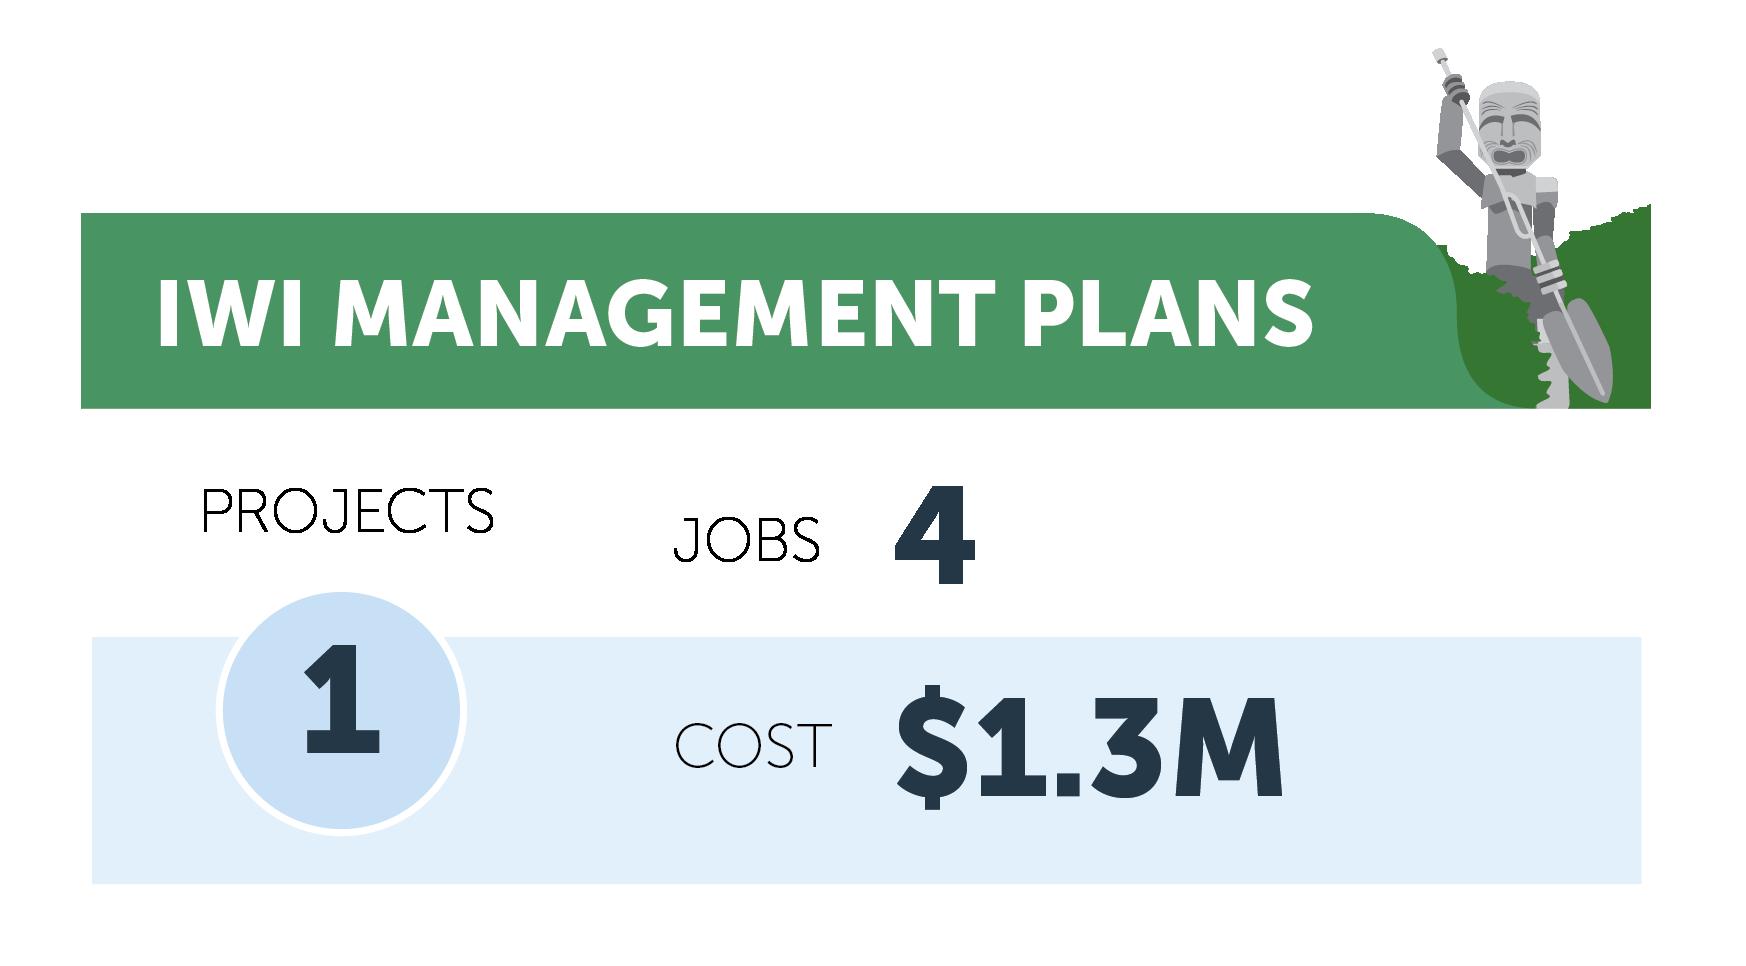 Iwi management plans figures